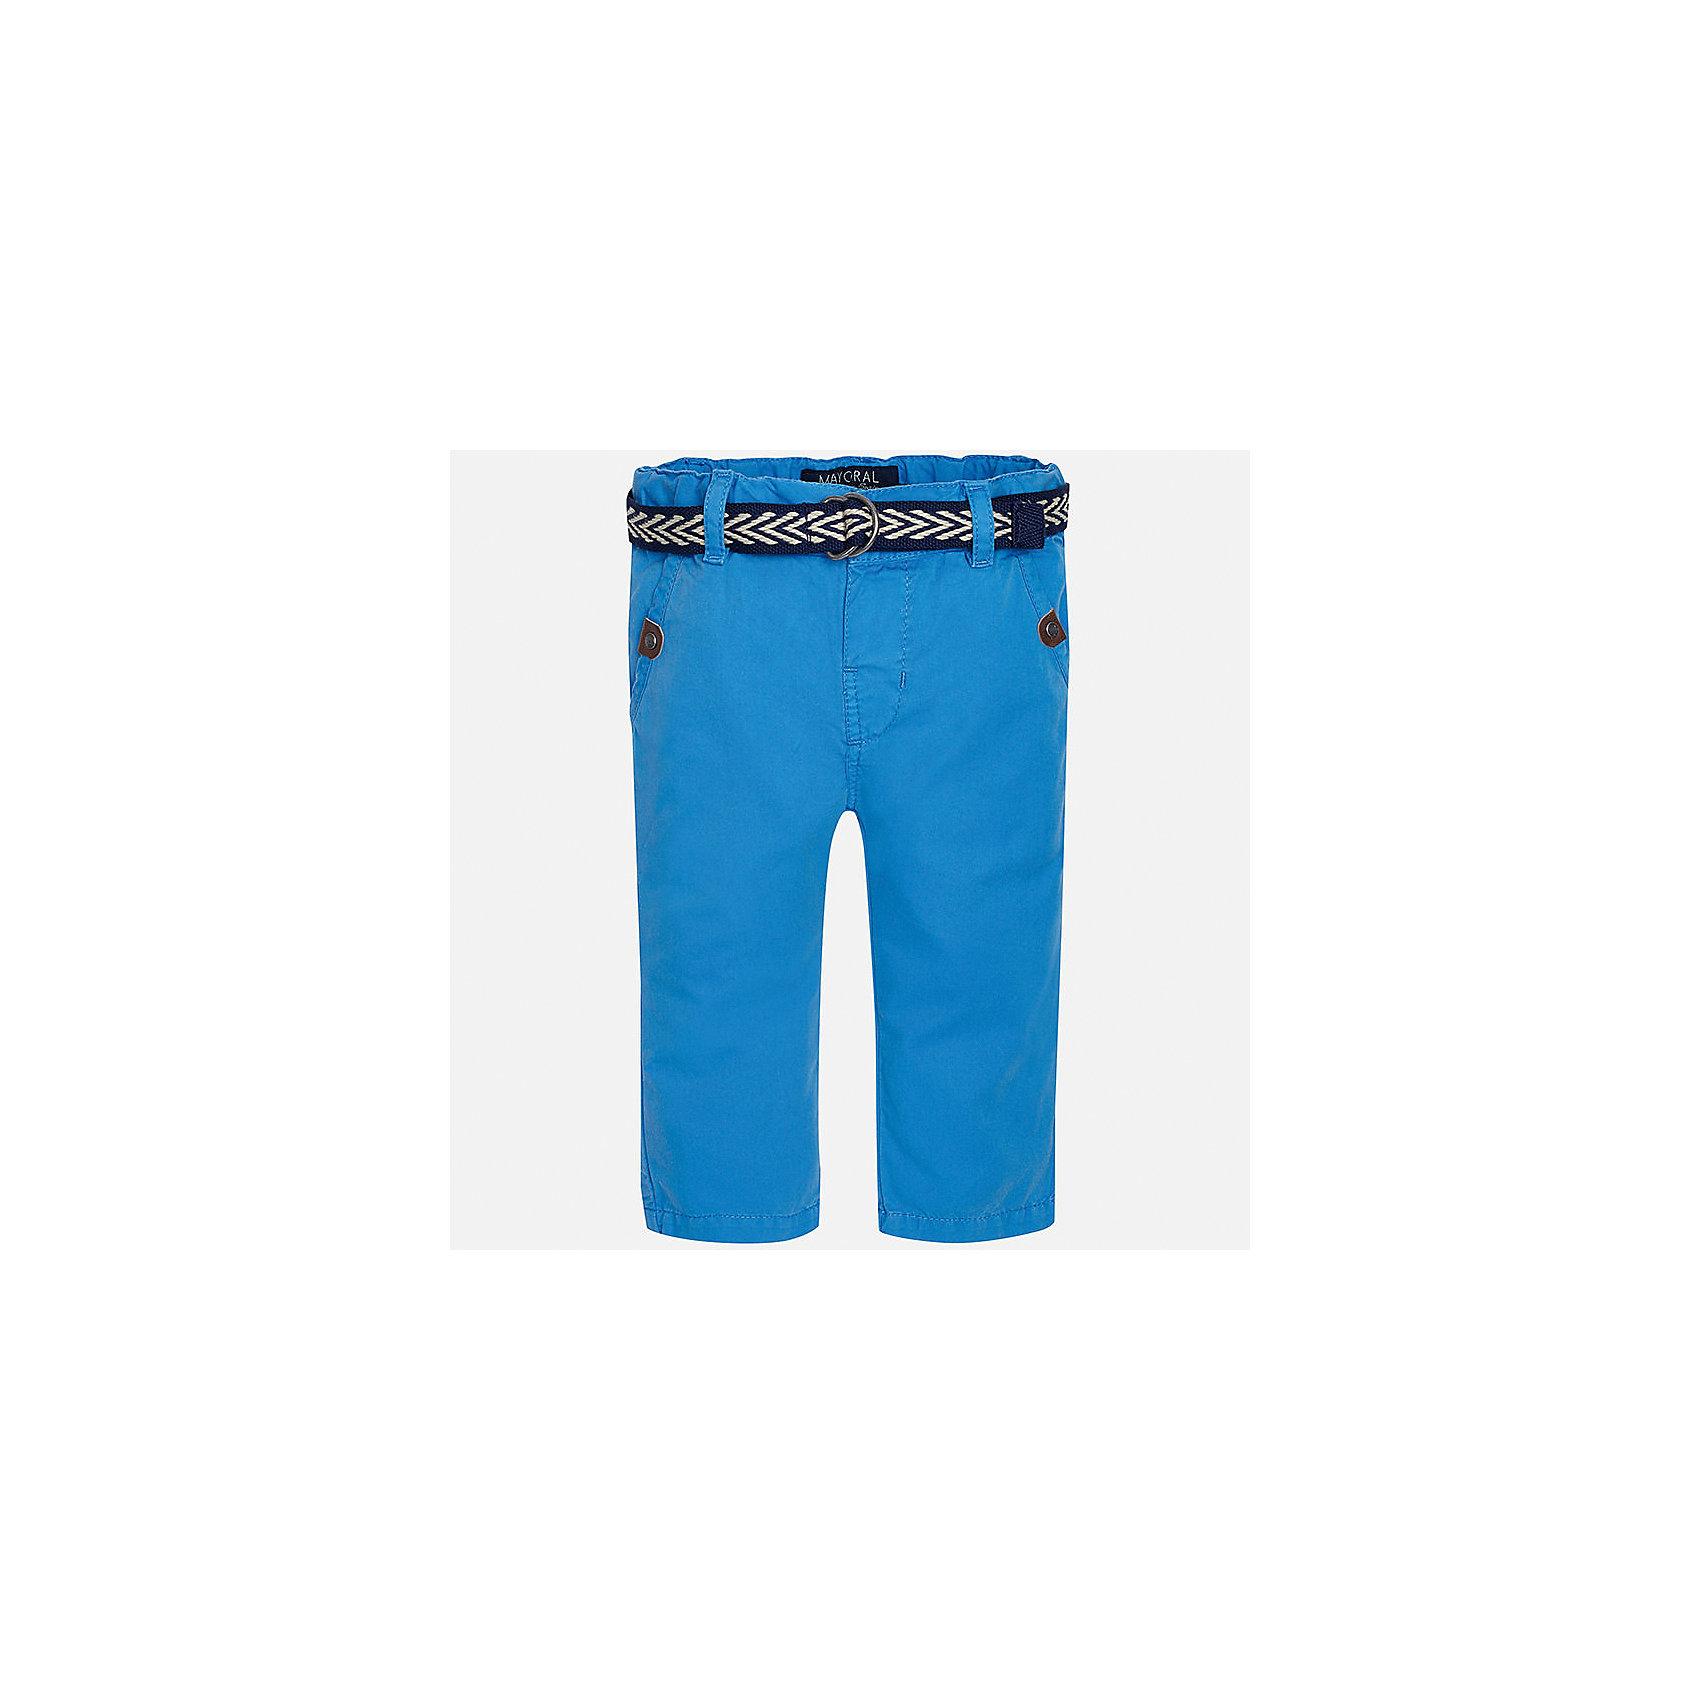 Брюки для мальчика MayoralДжинсы и брючки<br>Характеристики товара:<br><br>• цвет: голубой<br>• состав: 100% хлопок<br>• ремень в комплекте<br>• шлевки<br>• карманы<br>• пояс с регулировкой объема<br>• классический силуэт<br>• страна бренда: Испания<br><br>Модные брюки для мальчика смогут стать базовой вещью в гардеробе ребенка. Они отлично сочетаются с майками, футболками, рубашками и т.д. Универсальный крой и цвет позволяет подобрать к вещи верх разных расцветок. Практичное и стильное изделие! В составе материала - натуральный хлопок, гипоаллергенный, приятный на ощупь, дышащий.<br><br>Одежда, обувь и аксессуары от испанского бренда Mayoral полюбились детям и взрослым по всему миру. Модели этой марки - стильные и удобные. Для их производства используются только безопасные, качественные материалы и фурнитура. Порадуйте ребенка модными и красивыми вещами от Mayoral! <br><br>Брюки для мальчика от испанского бренда Mayoral (Майорал) можно купить в нашем интернет-магазине.<br><br>Ширина мм: 215<br>Глубина мм: 88<br>Высота мм: 191<br>Вес г: 336<br>Цвет: синий<br>Возраст от месяцев: 18<br>Возраст до месяцев: 24<br>Пол: Мужской<br>Возраст: Детский<br>Размер: 92,86,80<br>SKU: 5279633